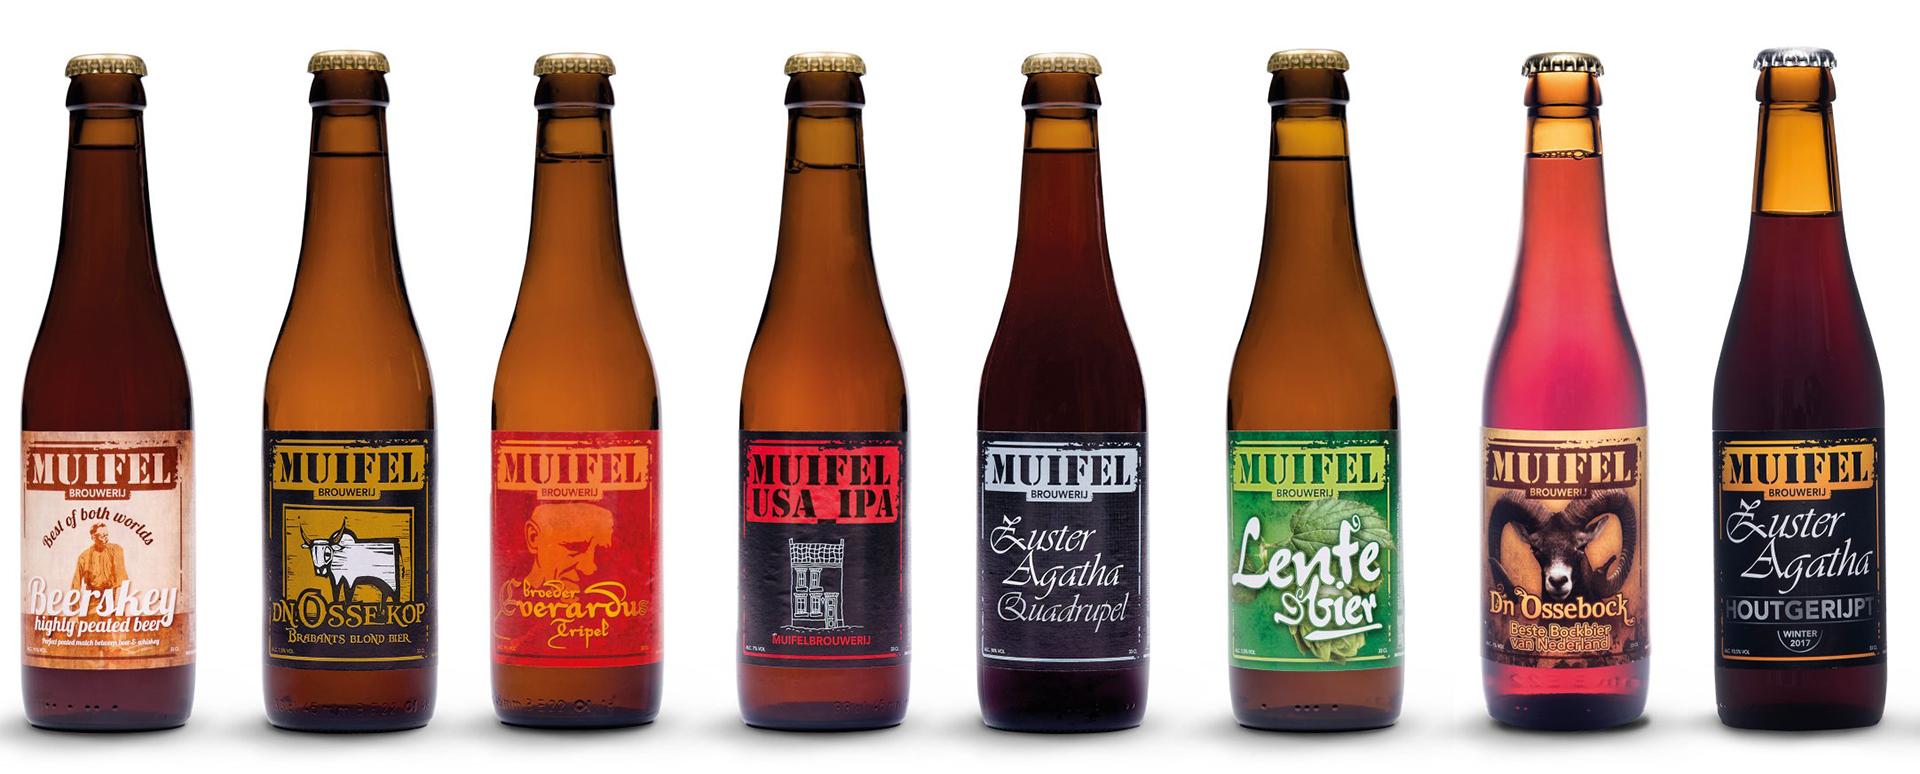 nectar-utrecht-pils-bier-brouwerij-nederland-nationaal-oss-muifel-assortiment